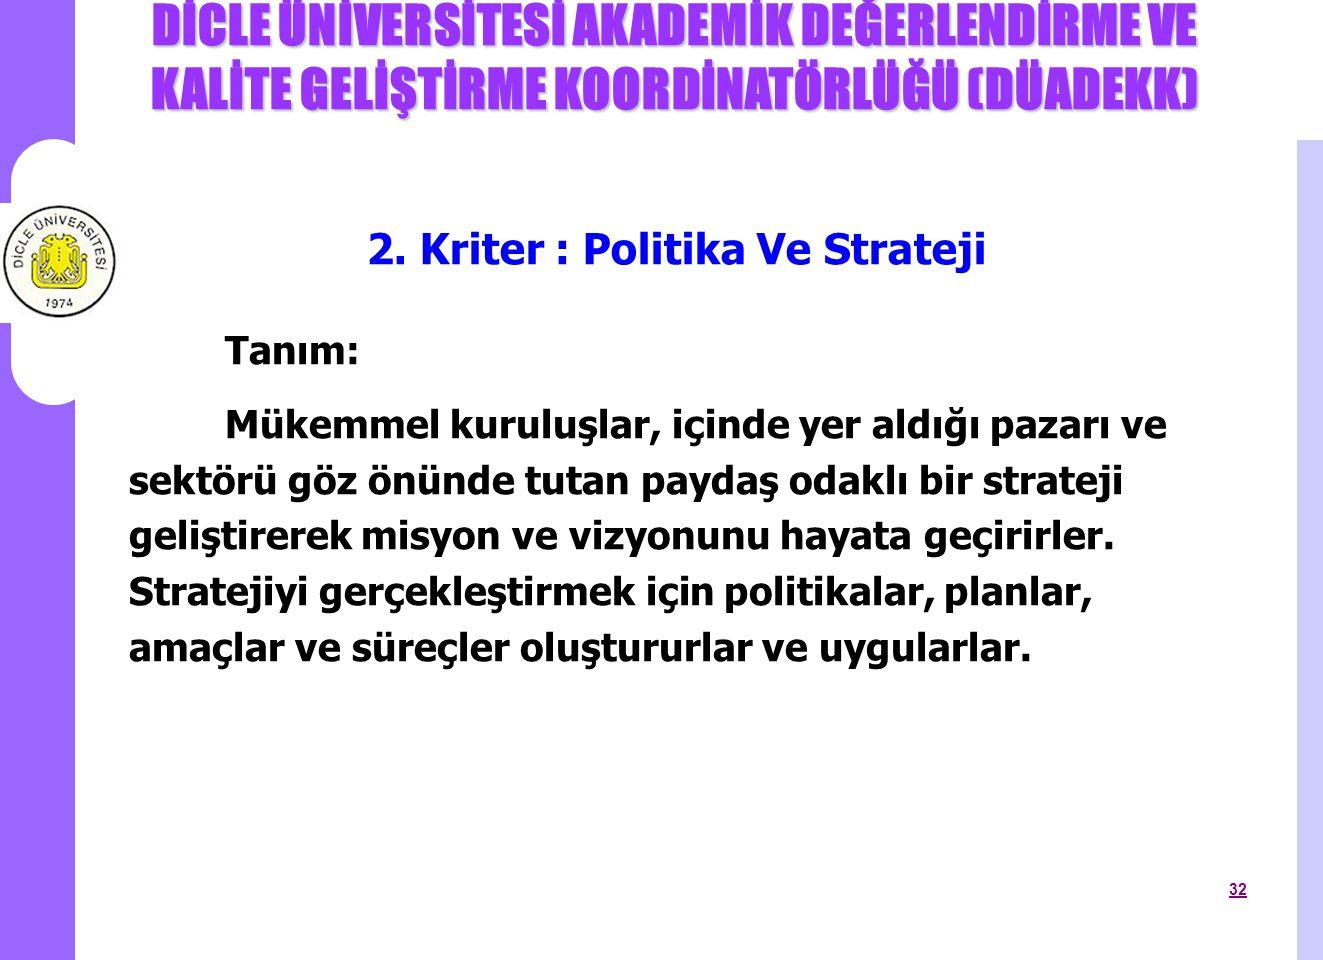 DİCLE ÜNİVERSİTESİ AKADEMİK DEĞERLENDİRME VE KALİTE GELİŞTİRME KOORDİNATÖRLÜĞÜ (DÜADEKK) 32 2. Kriter : Politika Ve Strateji Tanım: Mükemmel kuruluşla